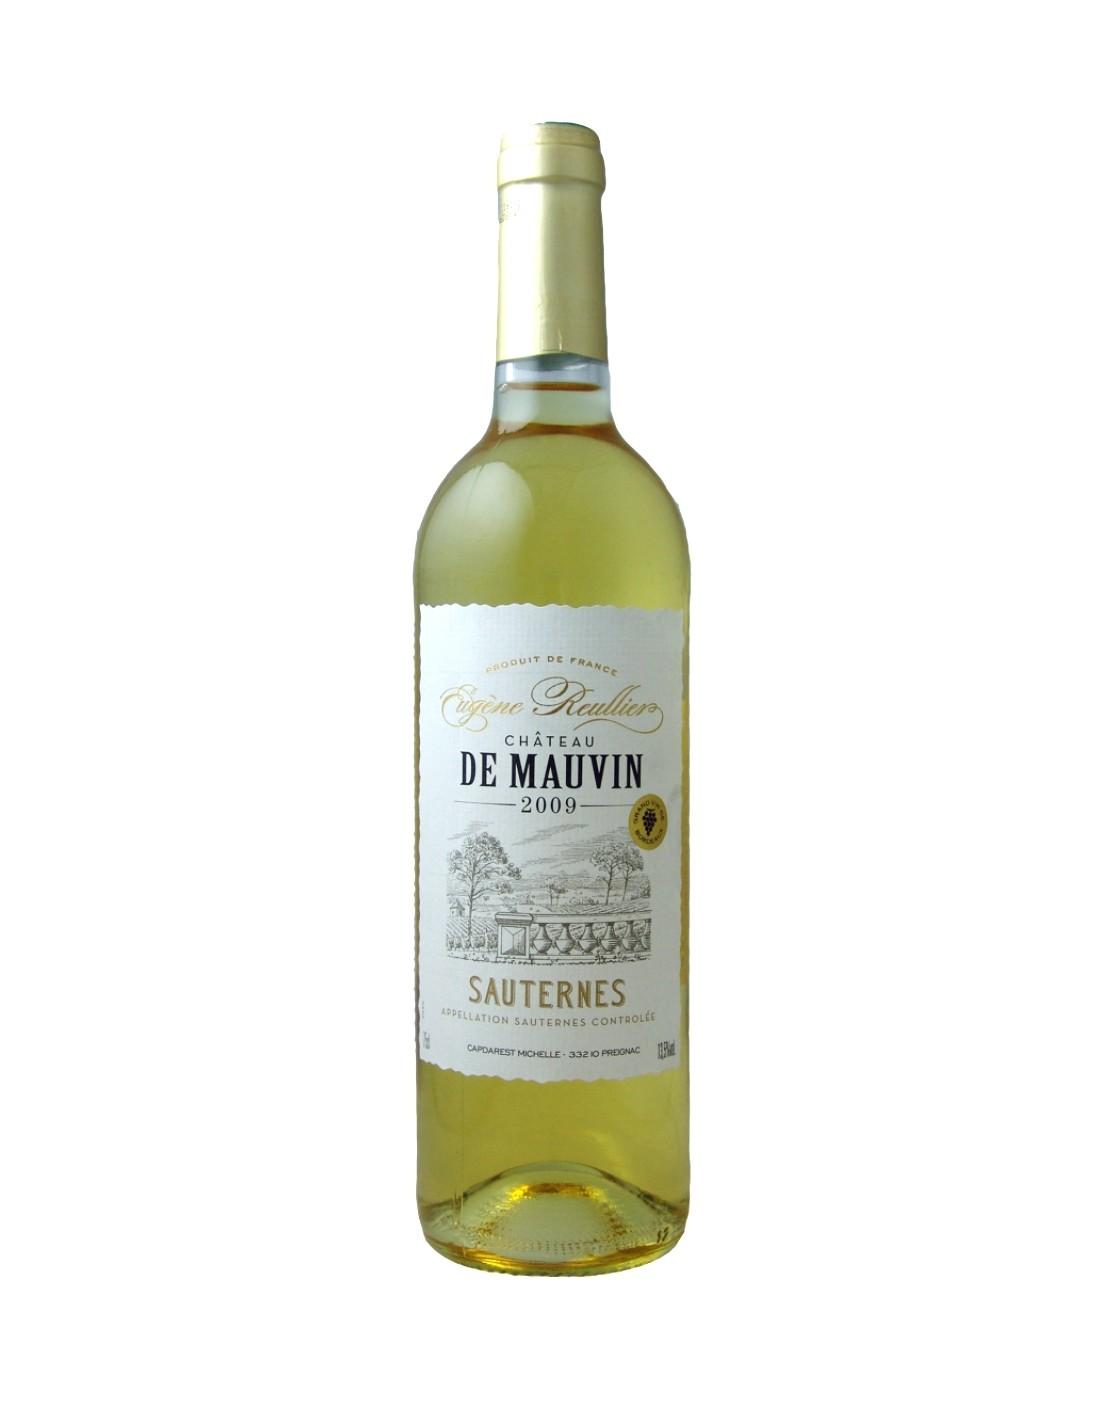 Vin alb dulce, Eugene Reulier Chateau de Mauvin Sauternes, 0.75L, Franta